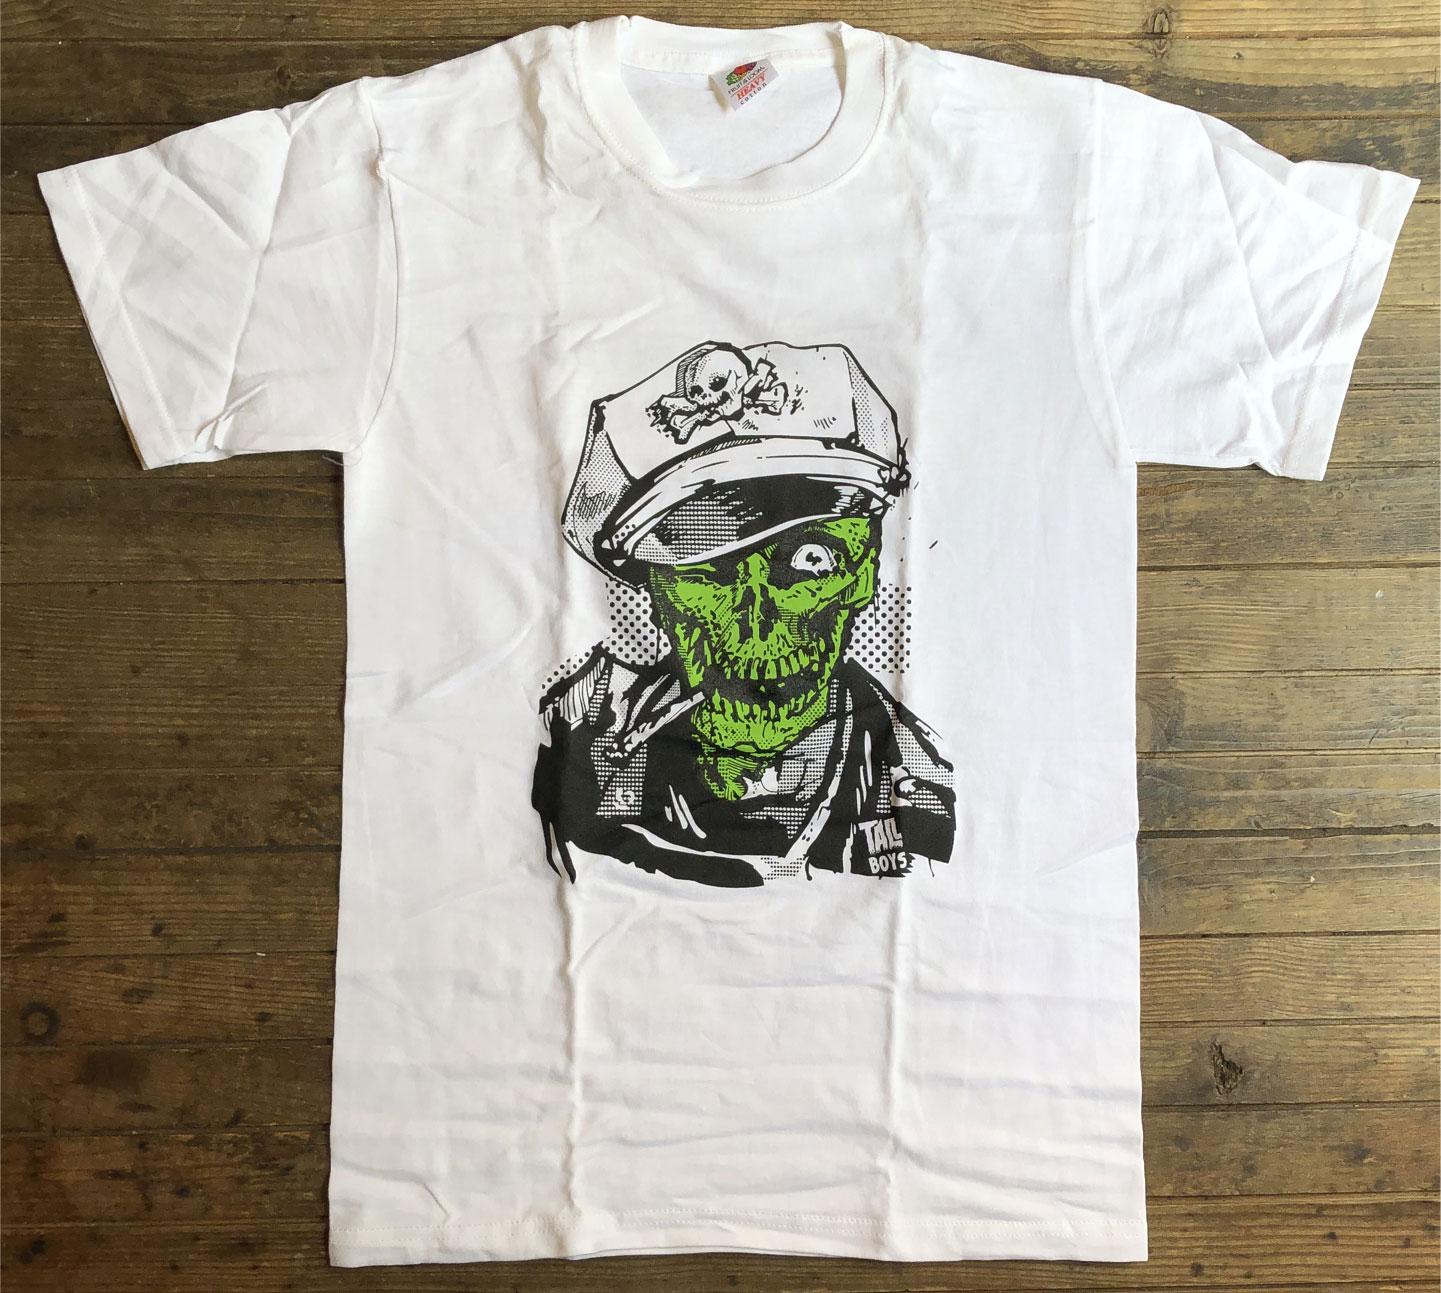 B品 TALL BOYS Tシャツ